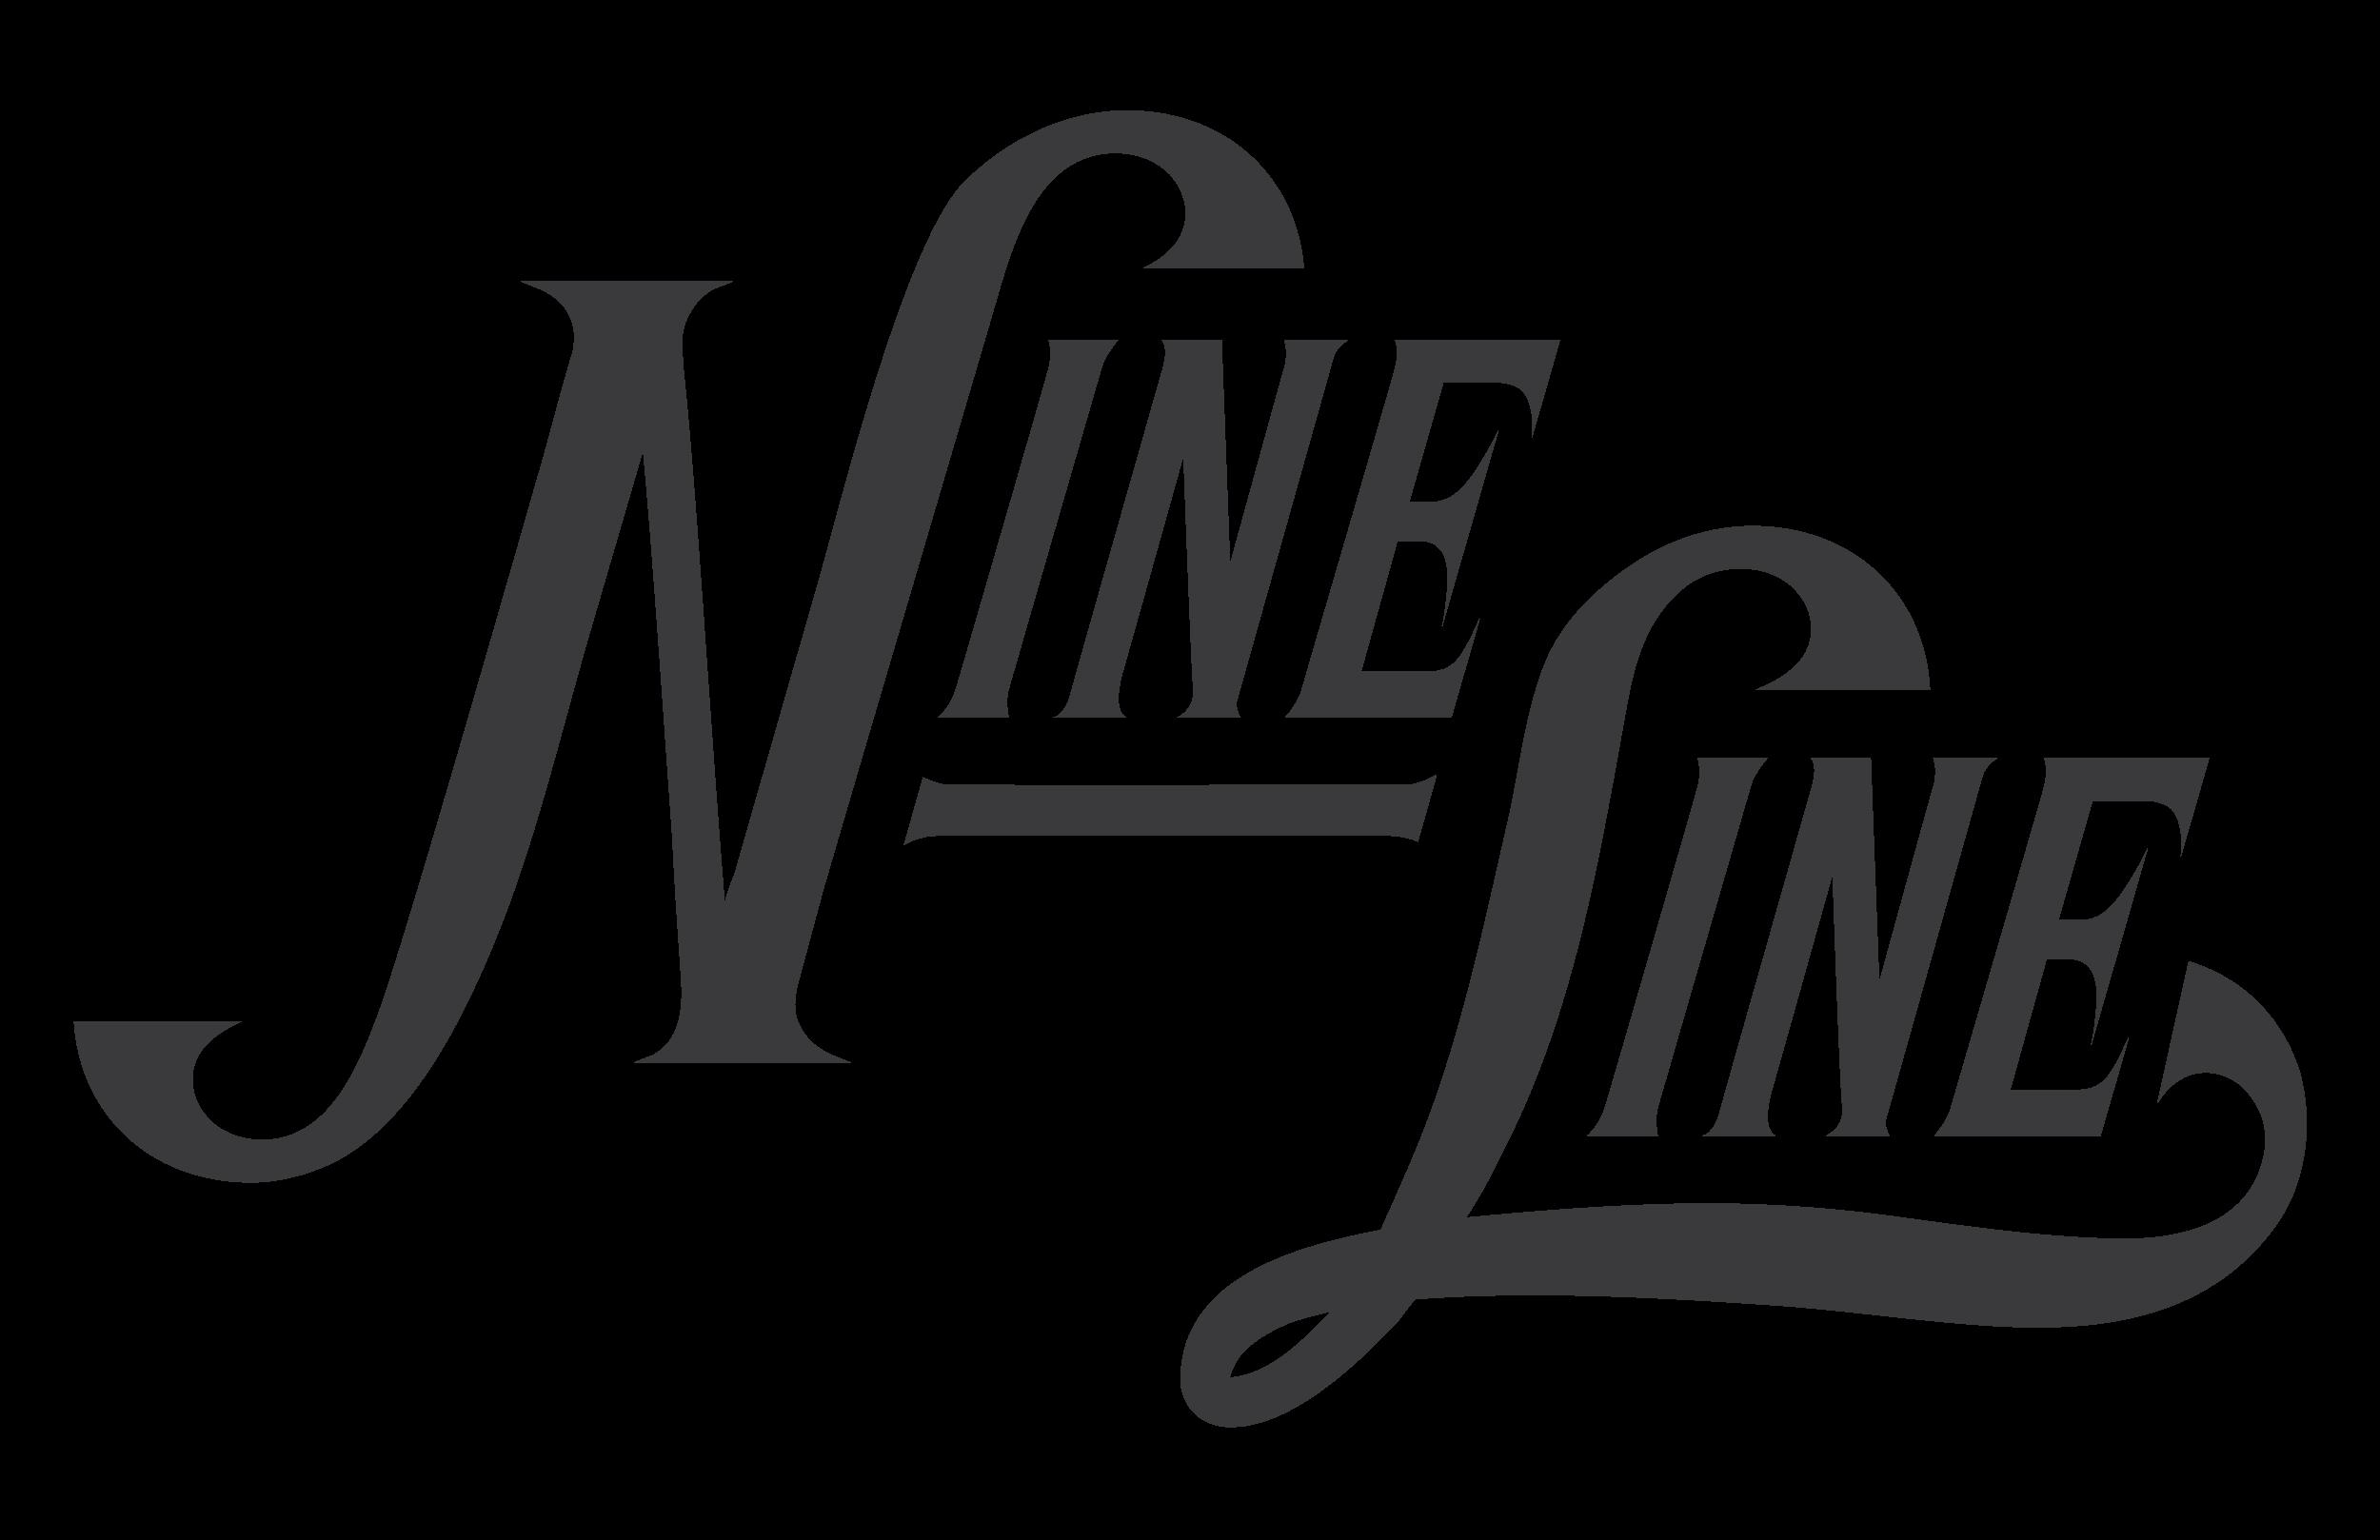 uli-nineline-yards.png